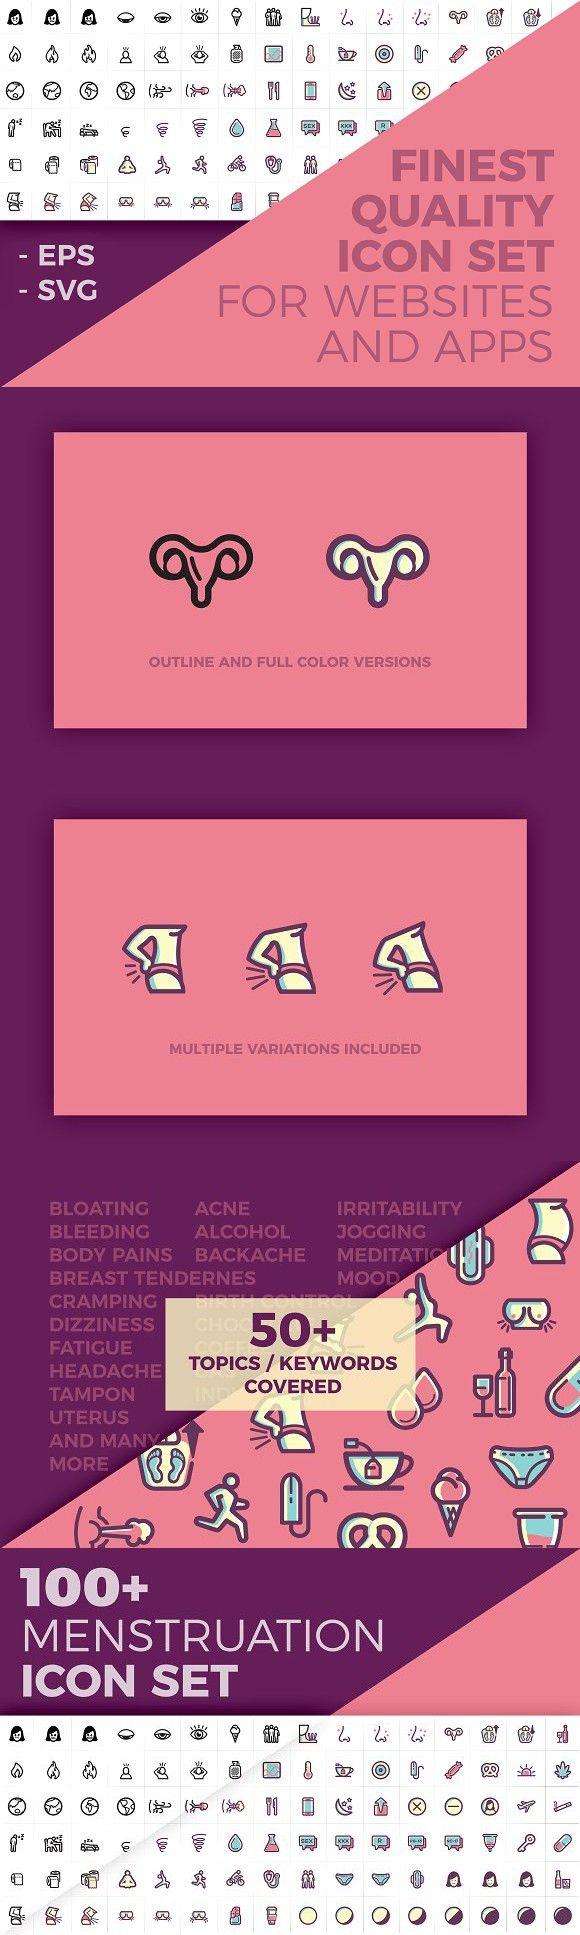 100+ Menstruation / Period Icon Set